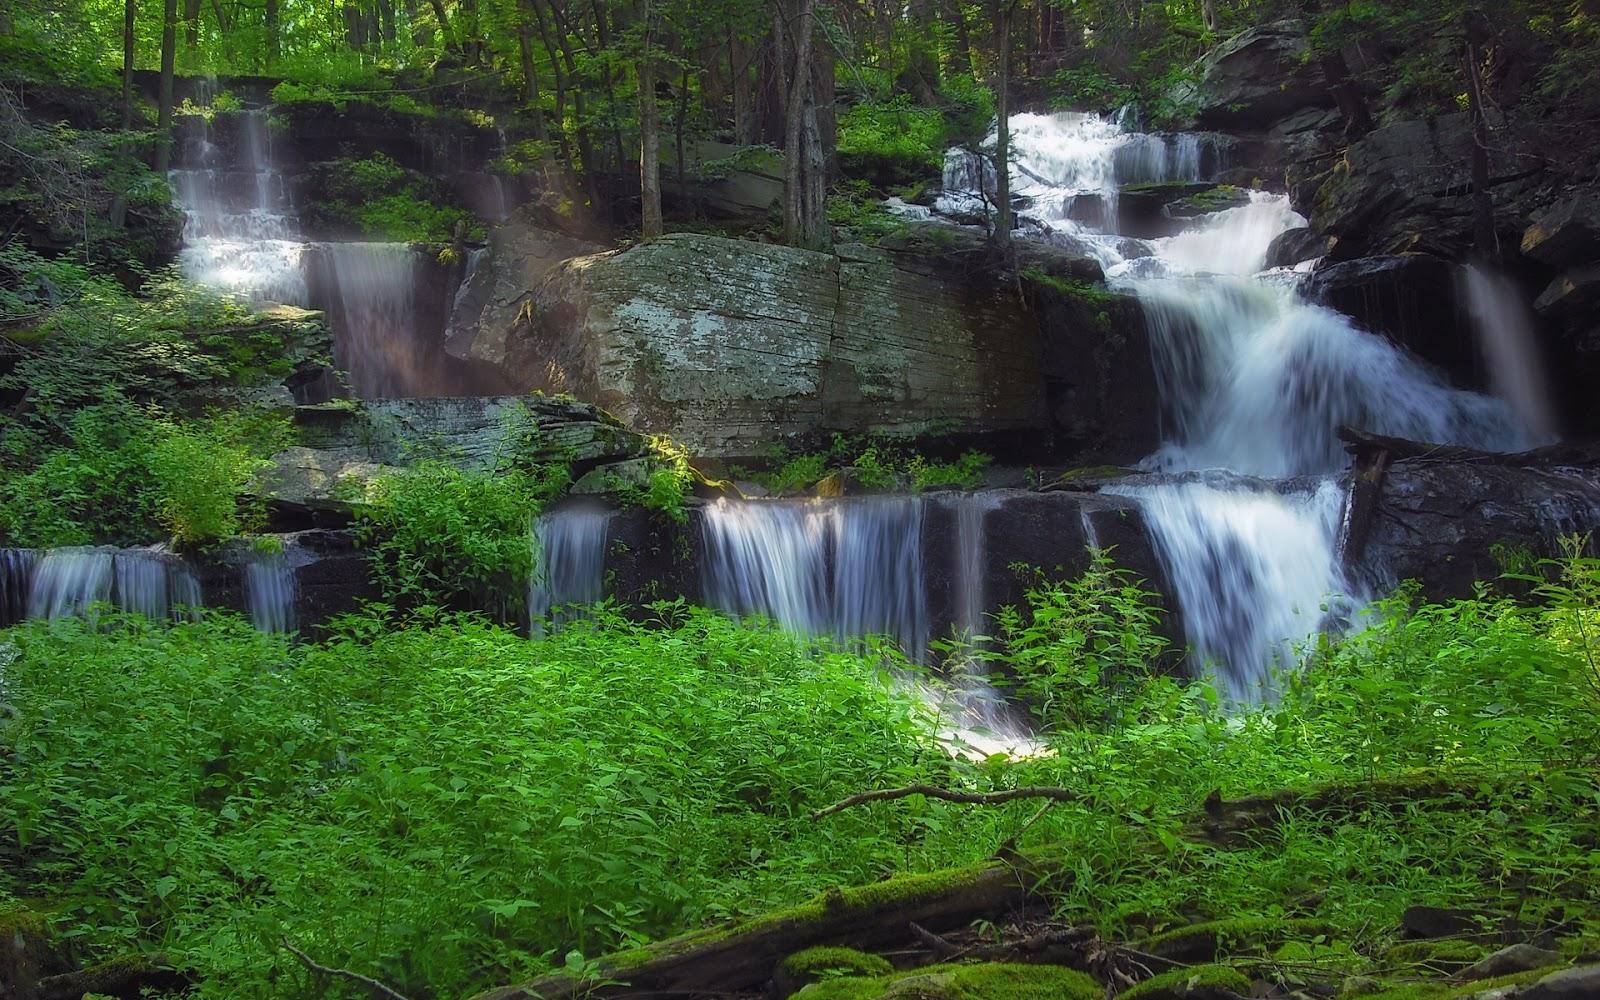 http://3.bp.blogspot.com/_Gq1jO6iuU2U/TSkWuncB6dI/AAAAAAAAHW8/aVIiCpFo4rU/s1600/forest+waterfalls+hd+wallpaper.jpg